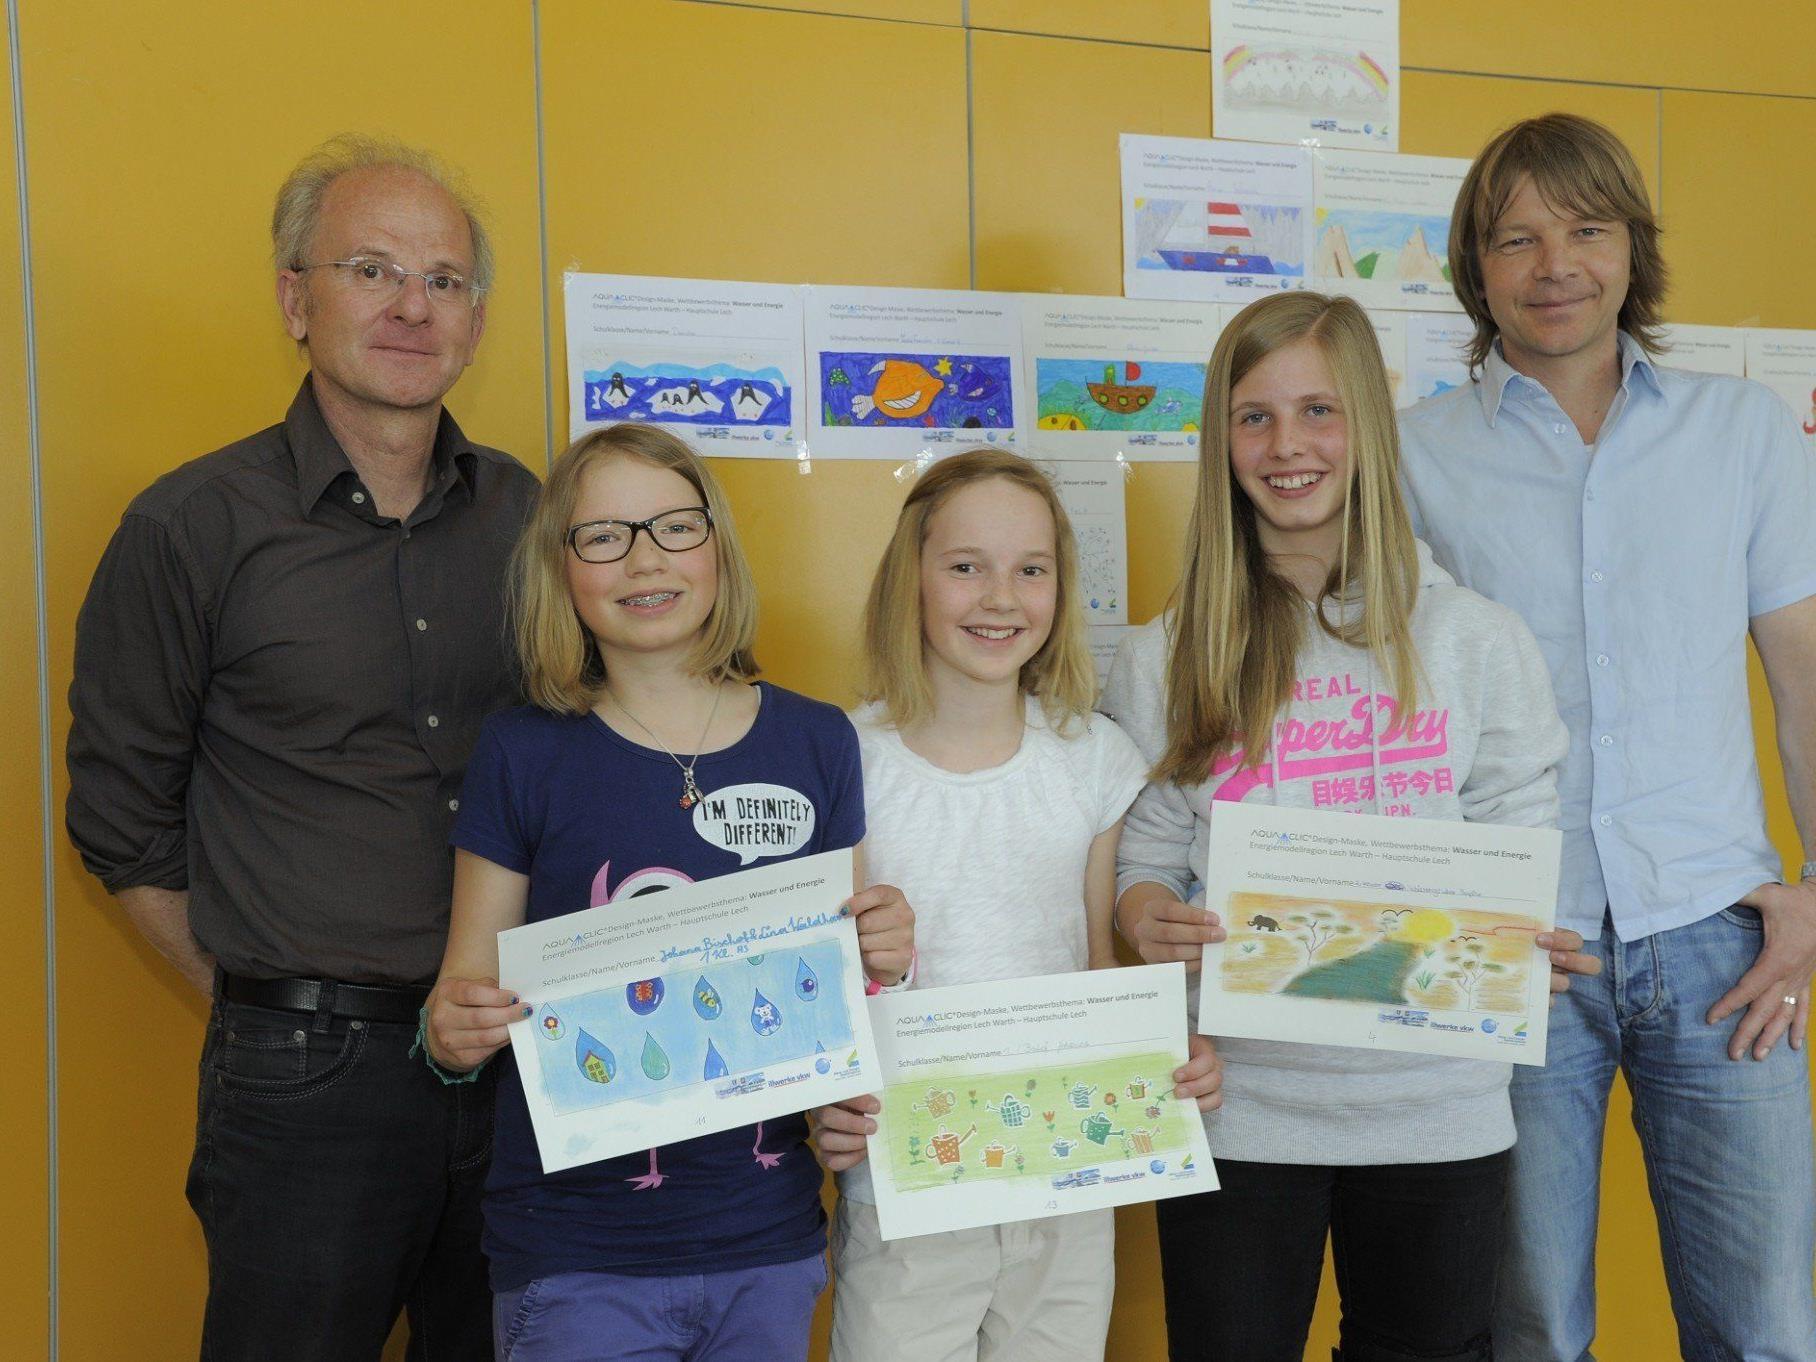 Direktor Werner Dietrich mit den Siegerinnen.